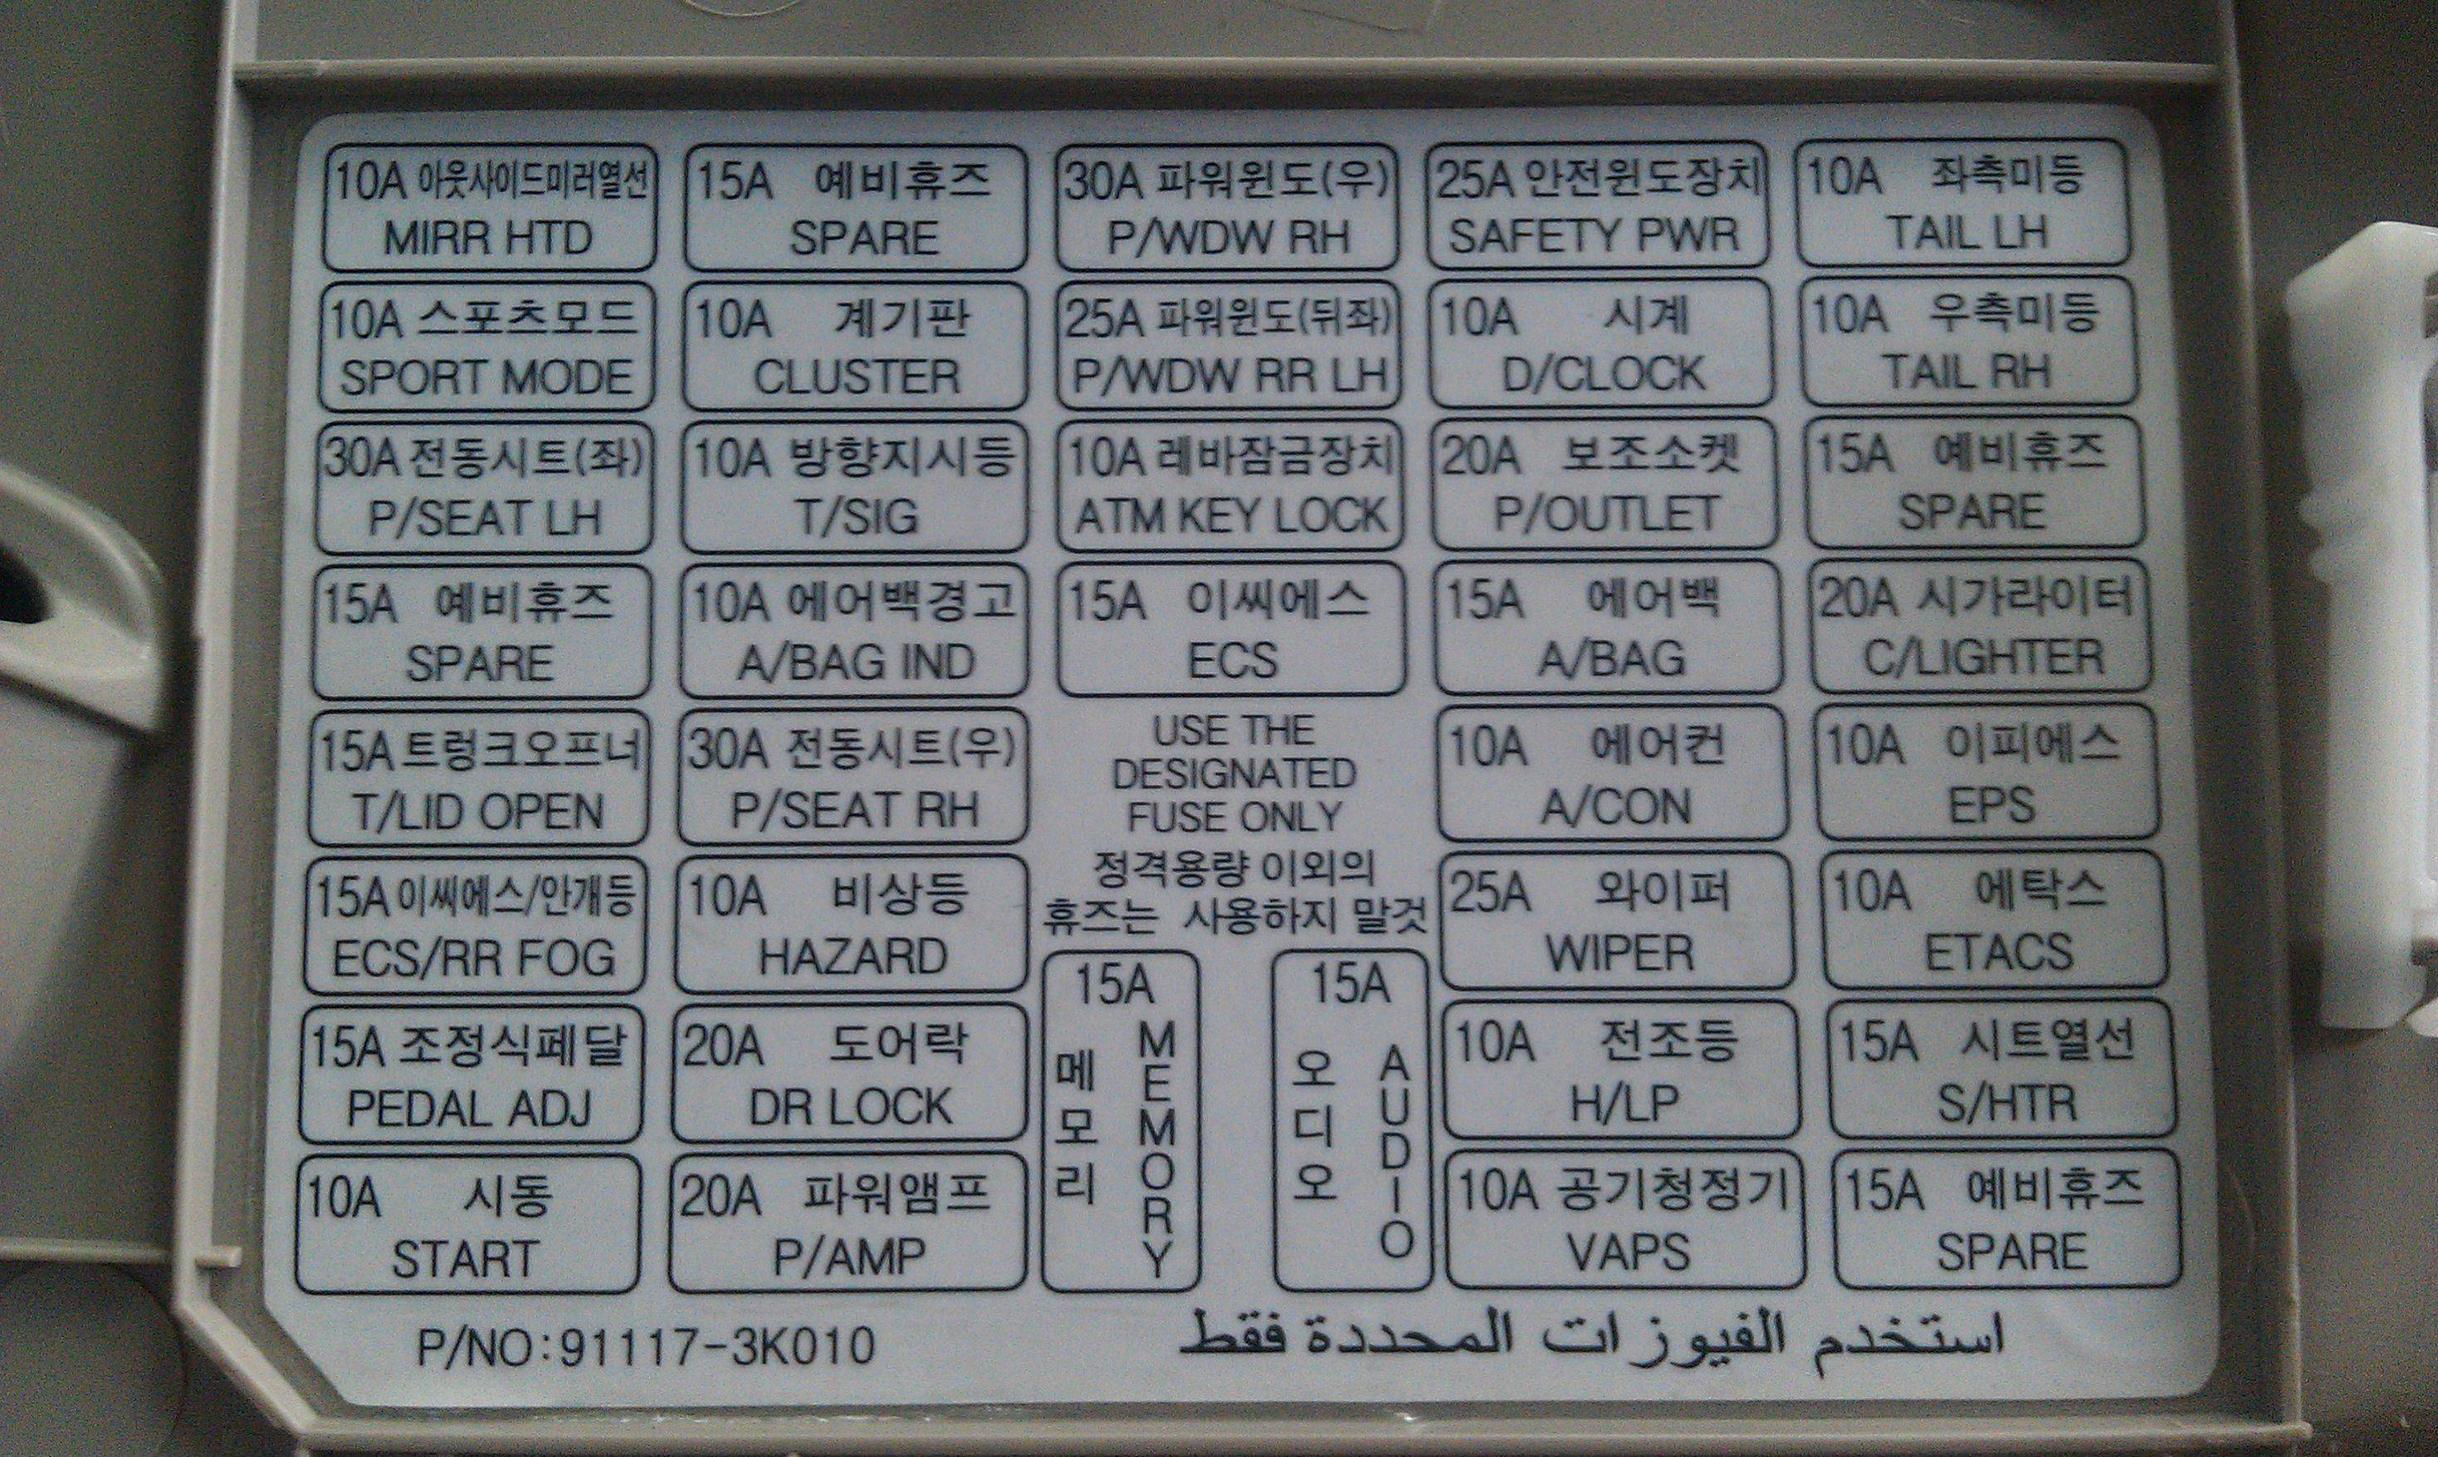 2000 hyundai elantra gls fuse box diagram yn 5019  hyundai elantra exhaust system diagram on fuse box  hyundai elantra exhaust system diagram